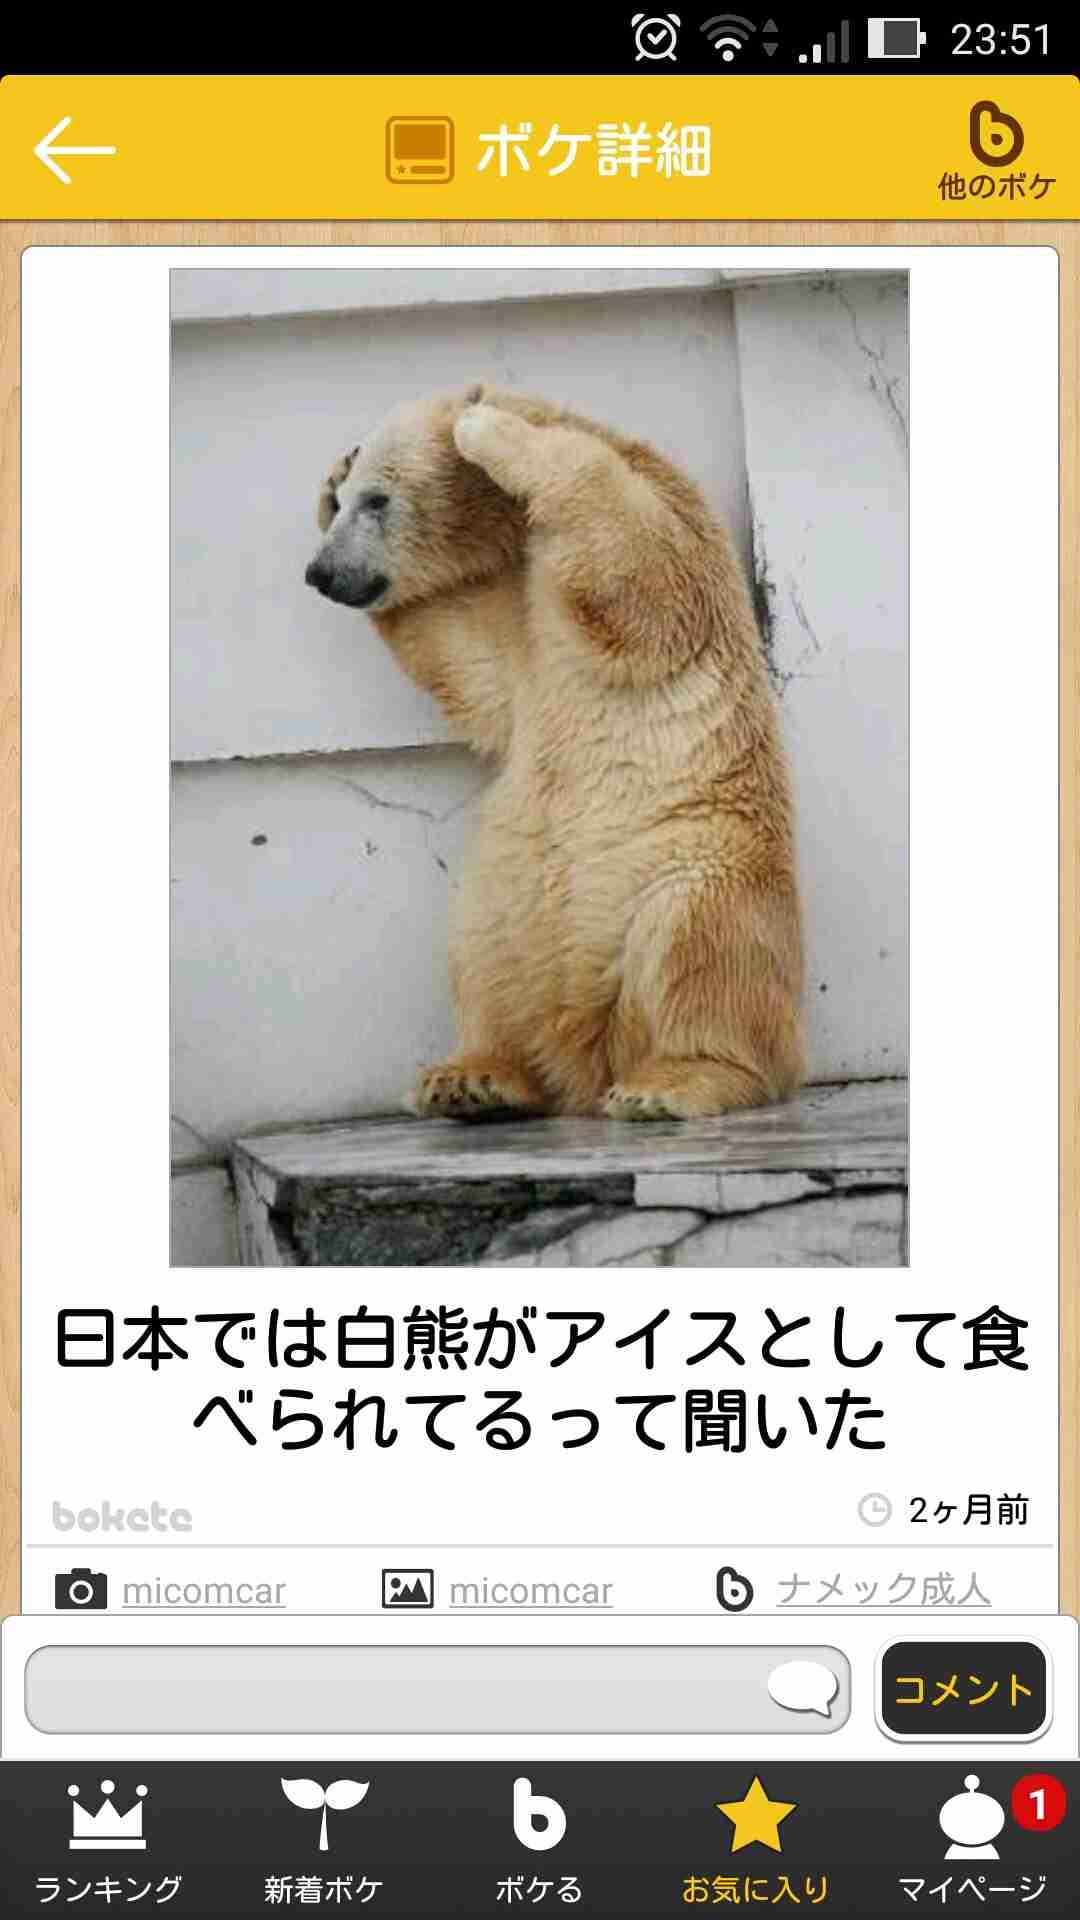 お気に入りのbokete画像を貼るトピ